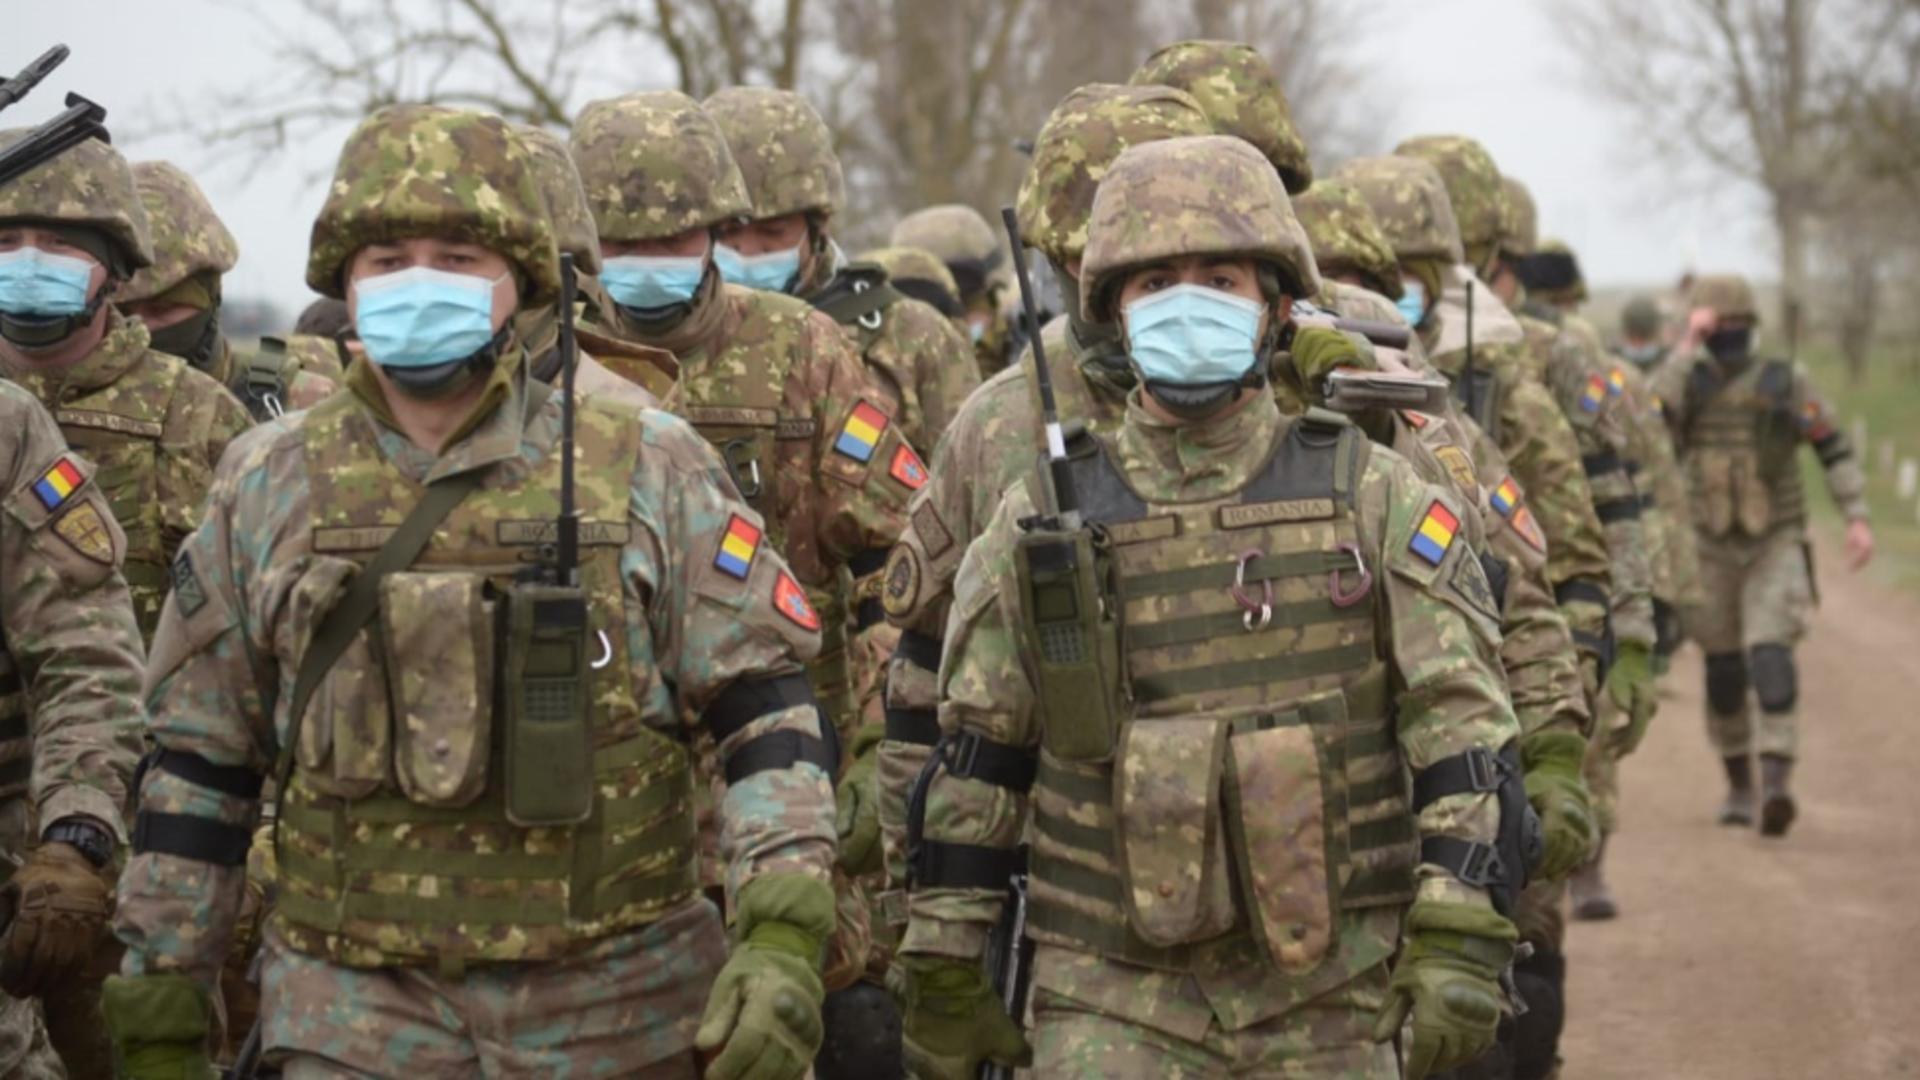 Peste 700 de militari români se întorc din Afganistan în următoarele luni - Decizia NATO